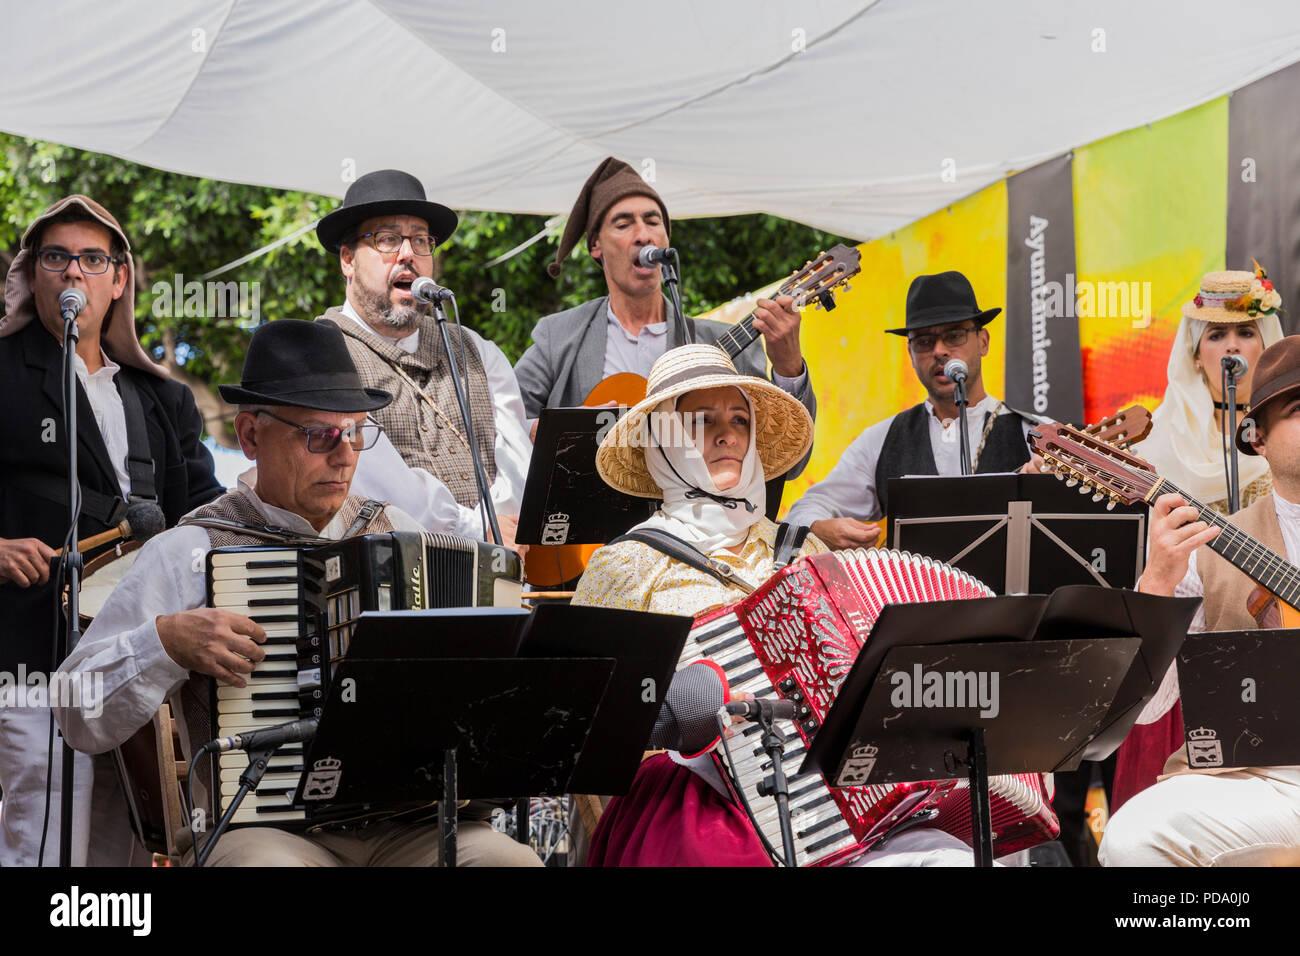 724d14ec30762 Folk Musiker mit accordians